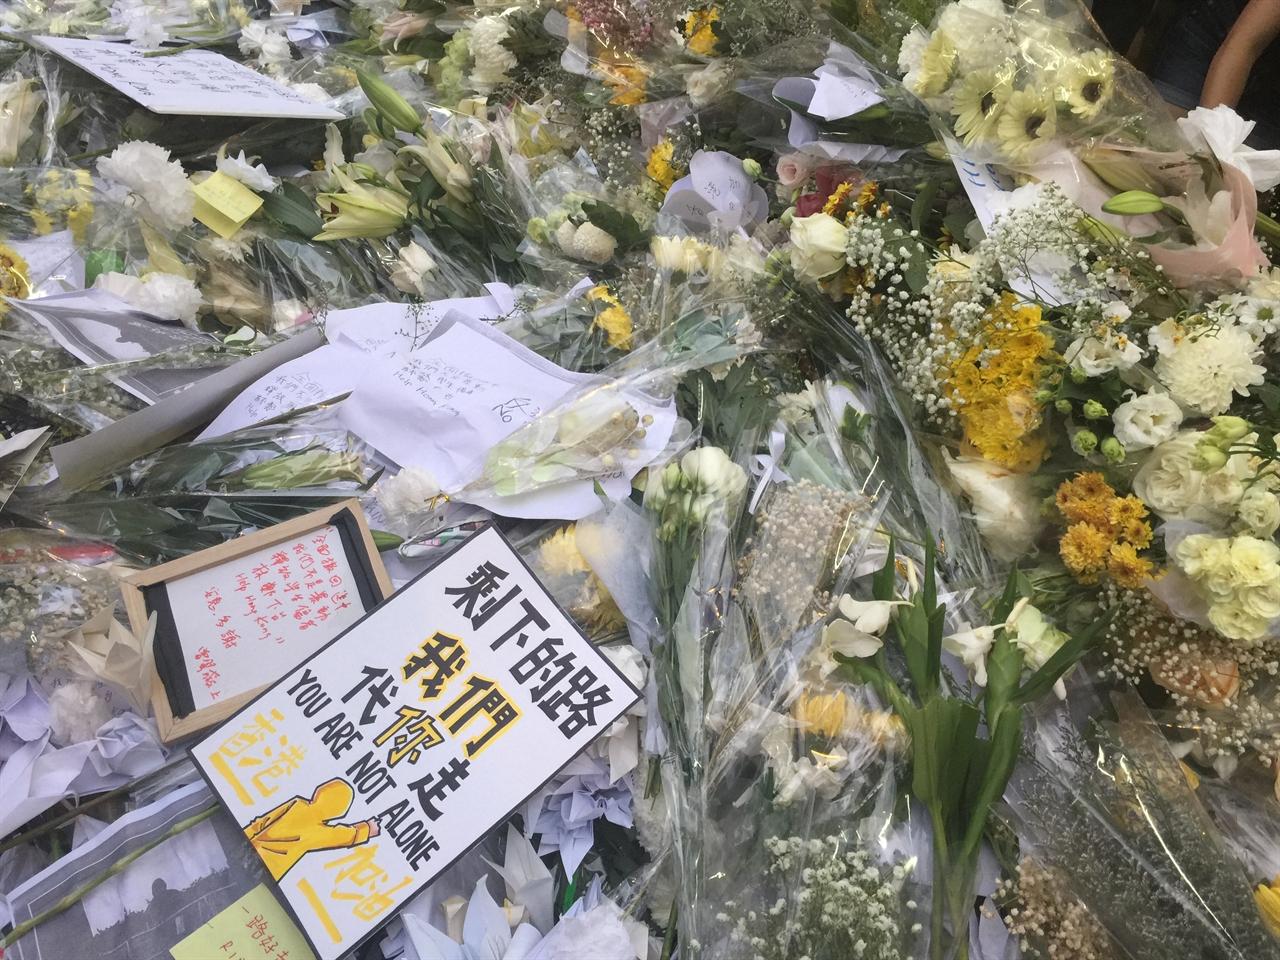 당신은 혼자가 아니다 16일 검은옷행진에서 투신 자살한 량링제씨를 추모하는 헌화 꽃 위에 놓여진 포스터 '앞으로 남은 길은 우리가 가겠다. 당신은 혼자가 아니다'